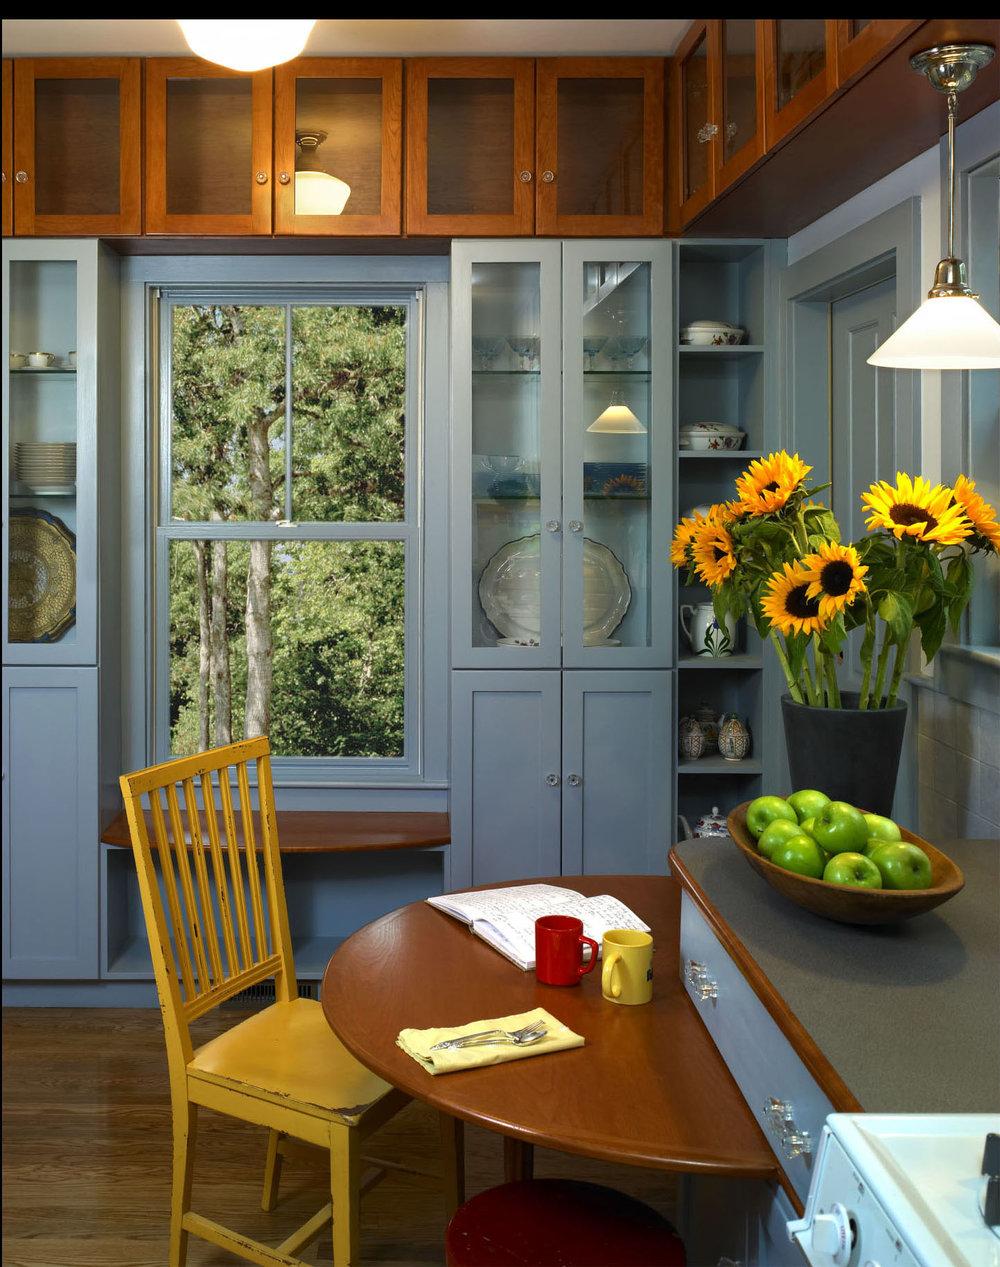 Englund_windowseat1a.jpg